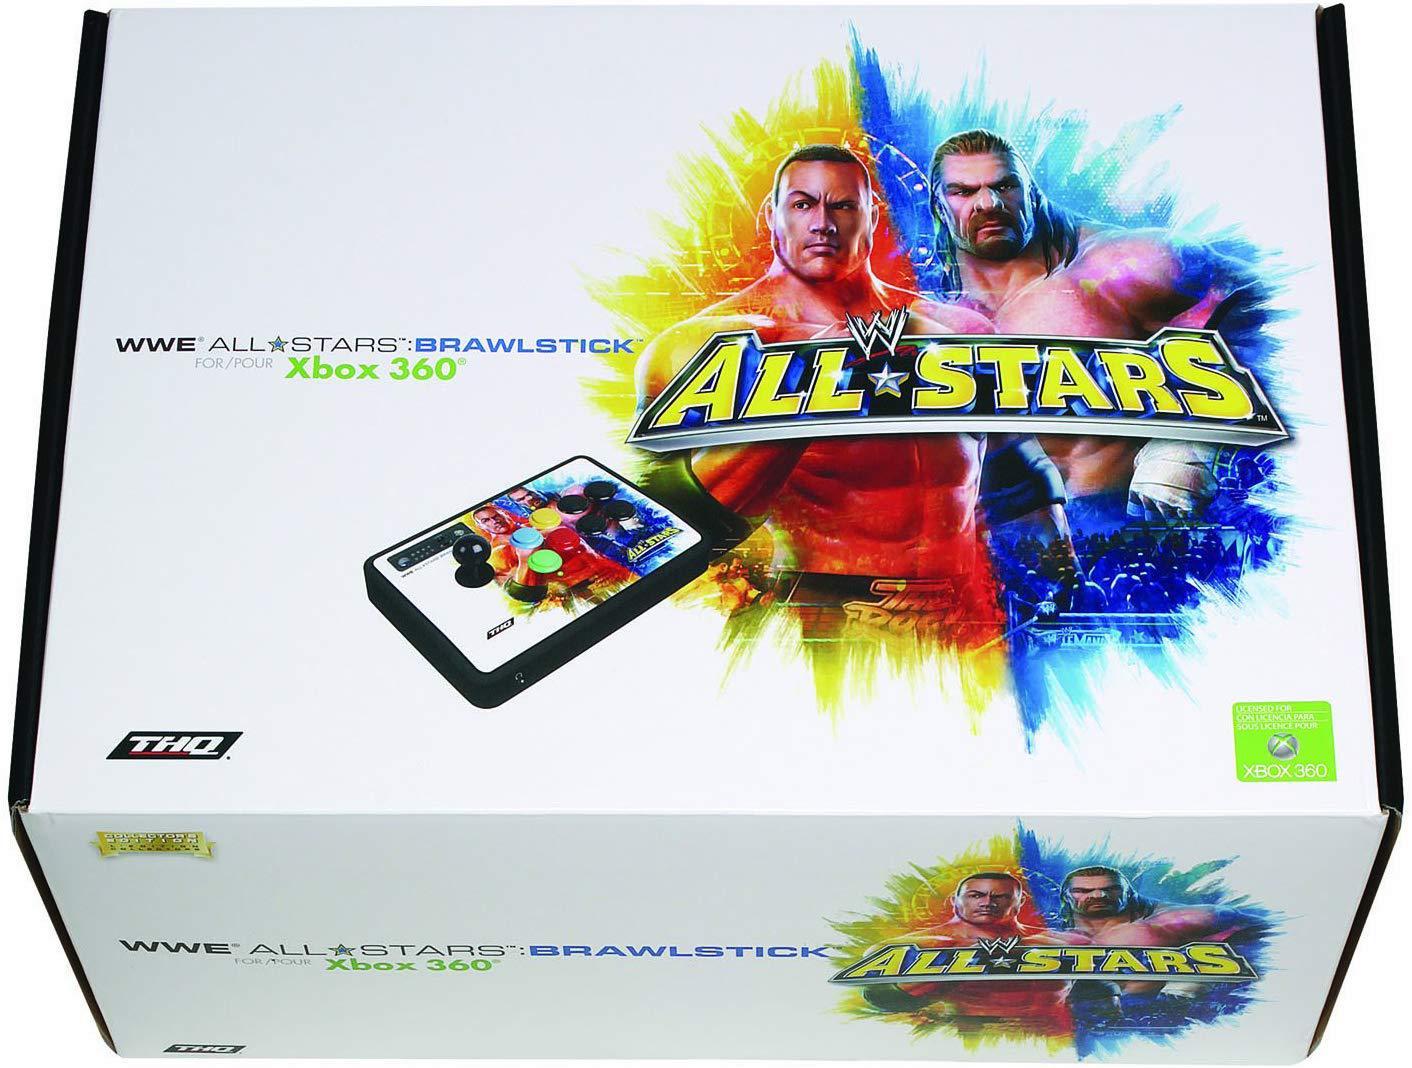 WWE: All-Stars Brawl Stick